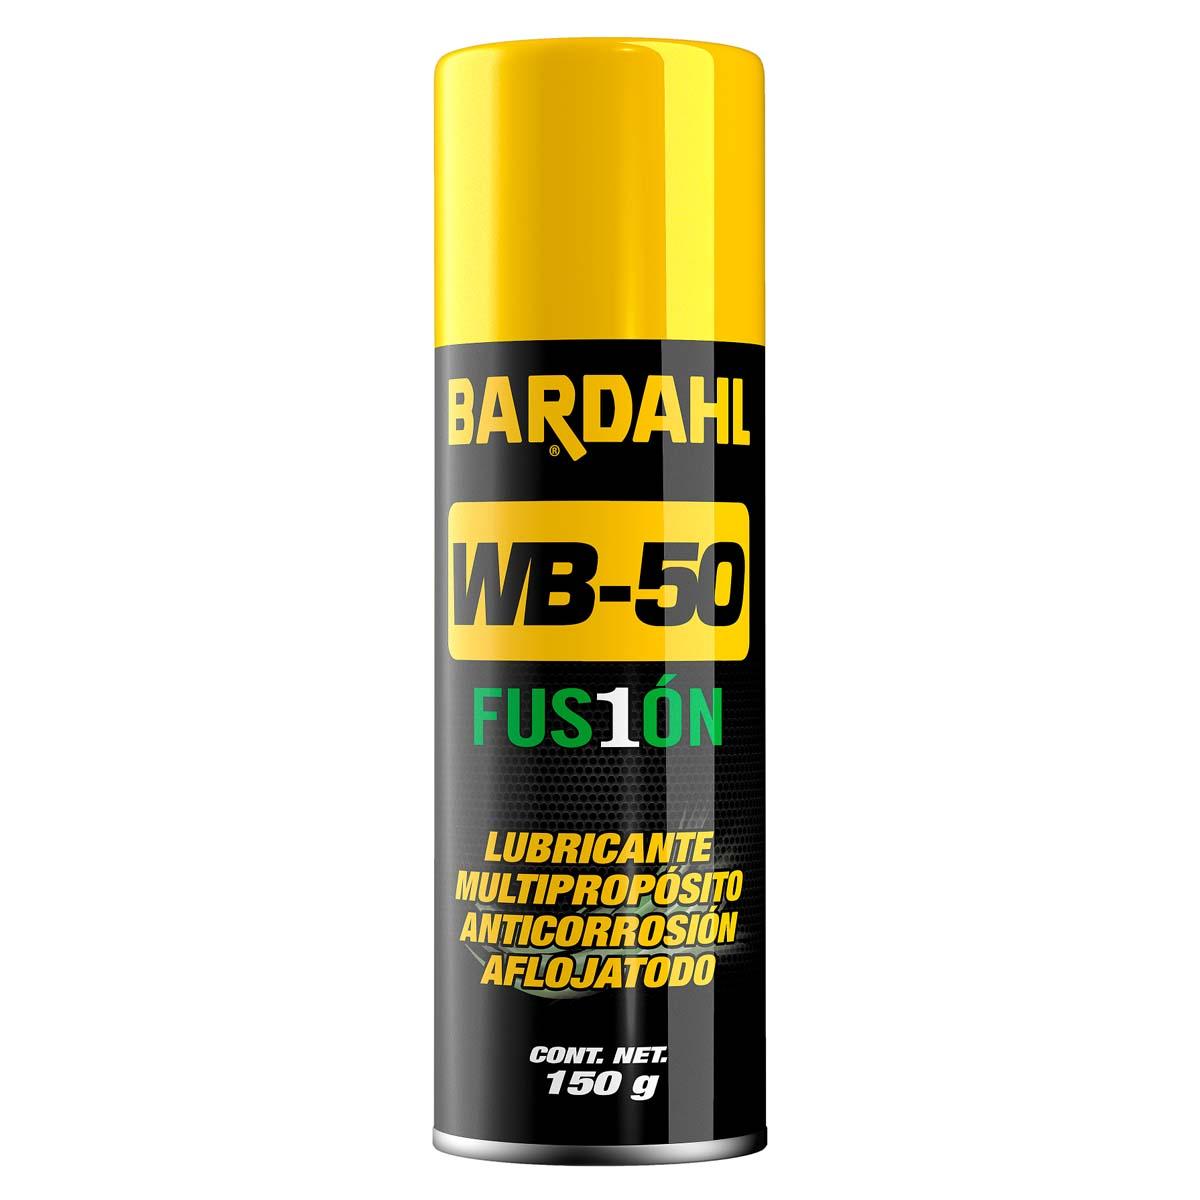 Lubricante Aflojatodo Multiproposito Wb-50 Fusion 150 Gr